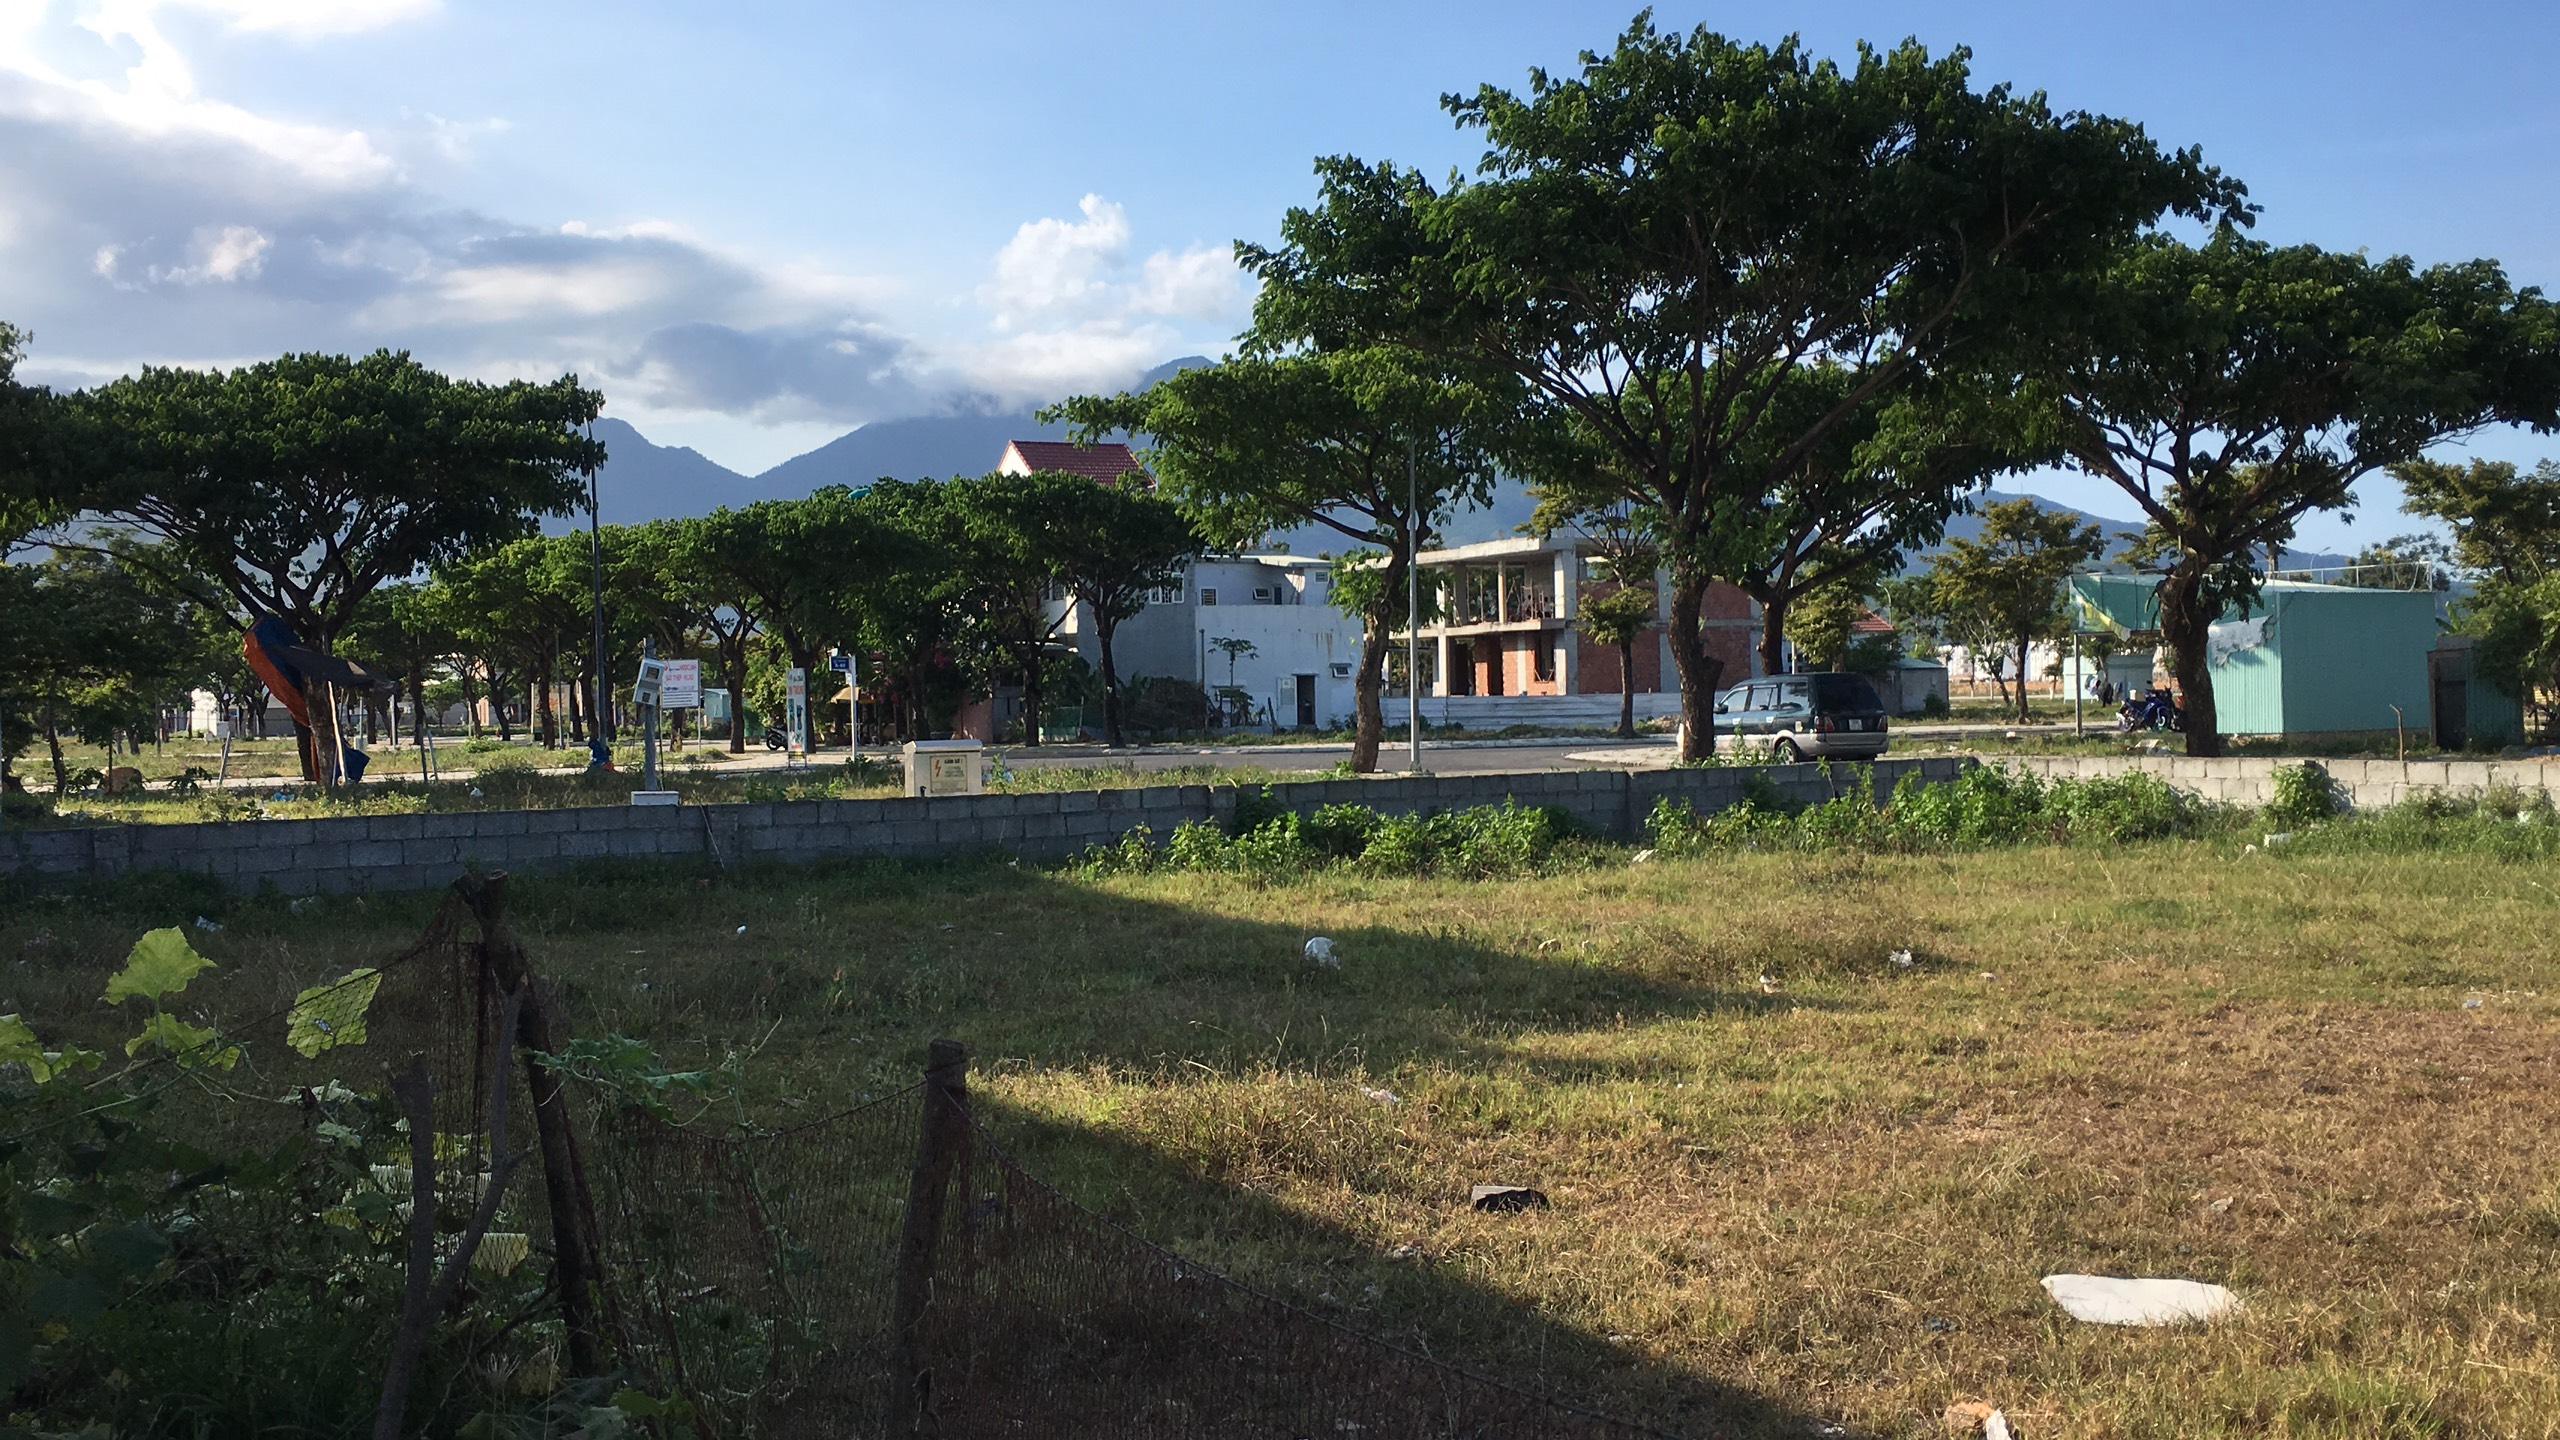 Trở lại nơi sốt đất ở Đà Nẵng, ki ốt bị dẹp hàng loạt, các dự án không bóng người - Ảnh 18.